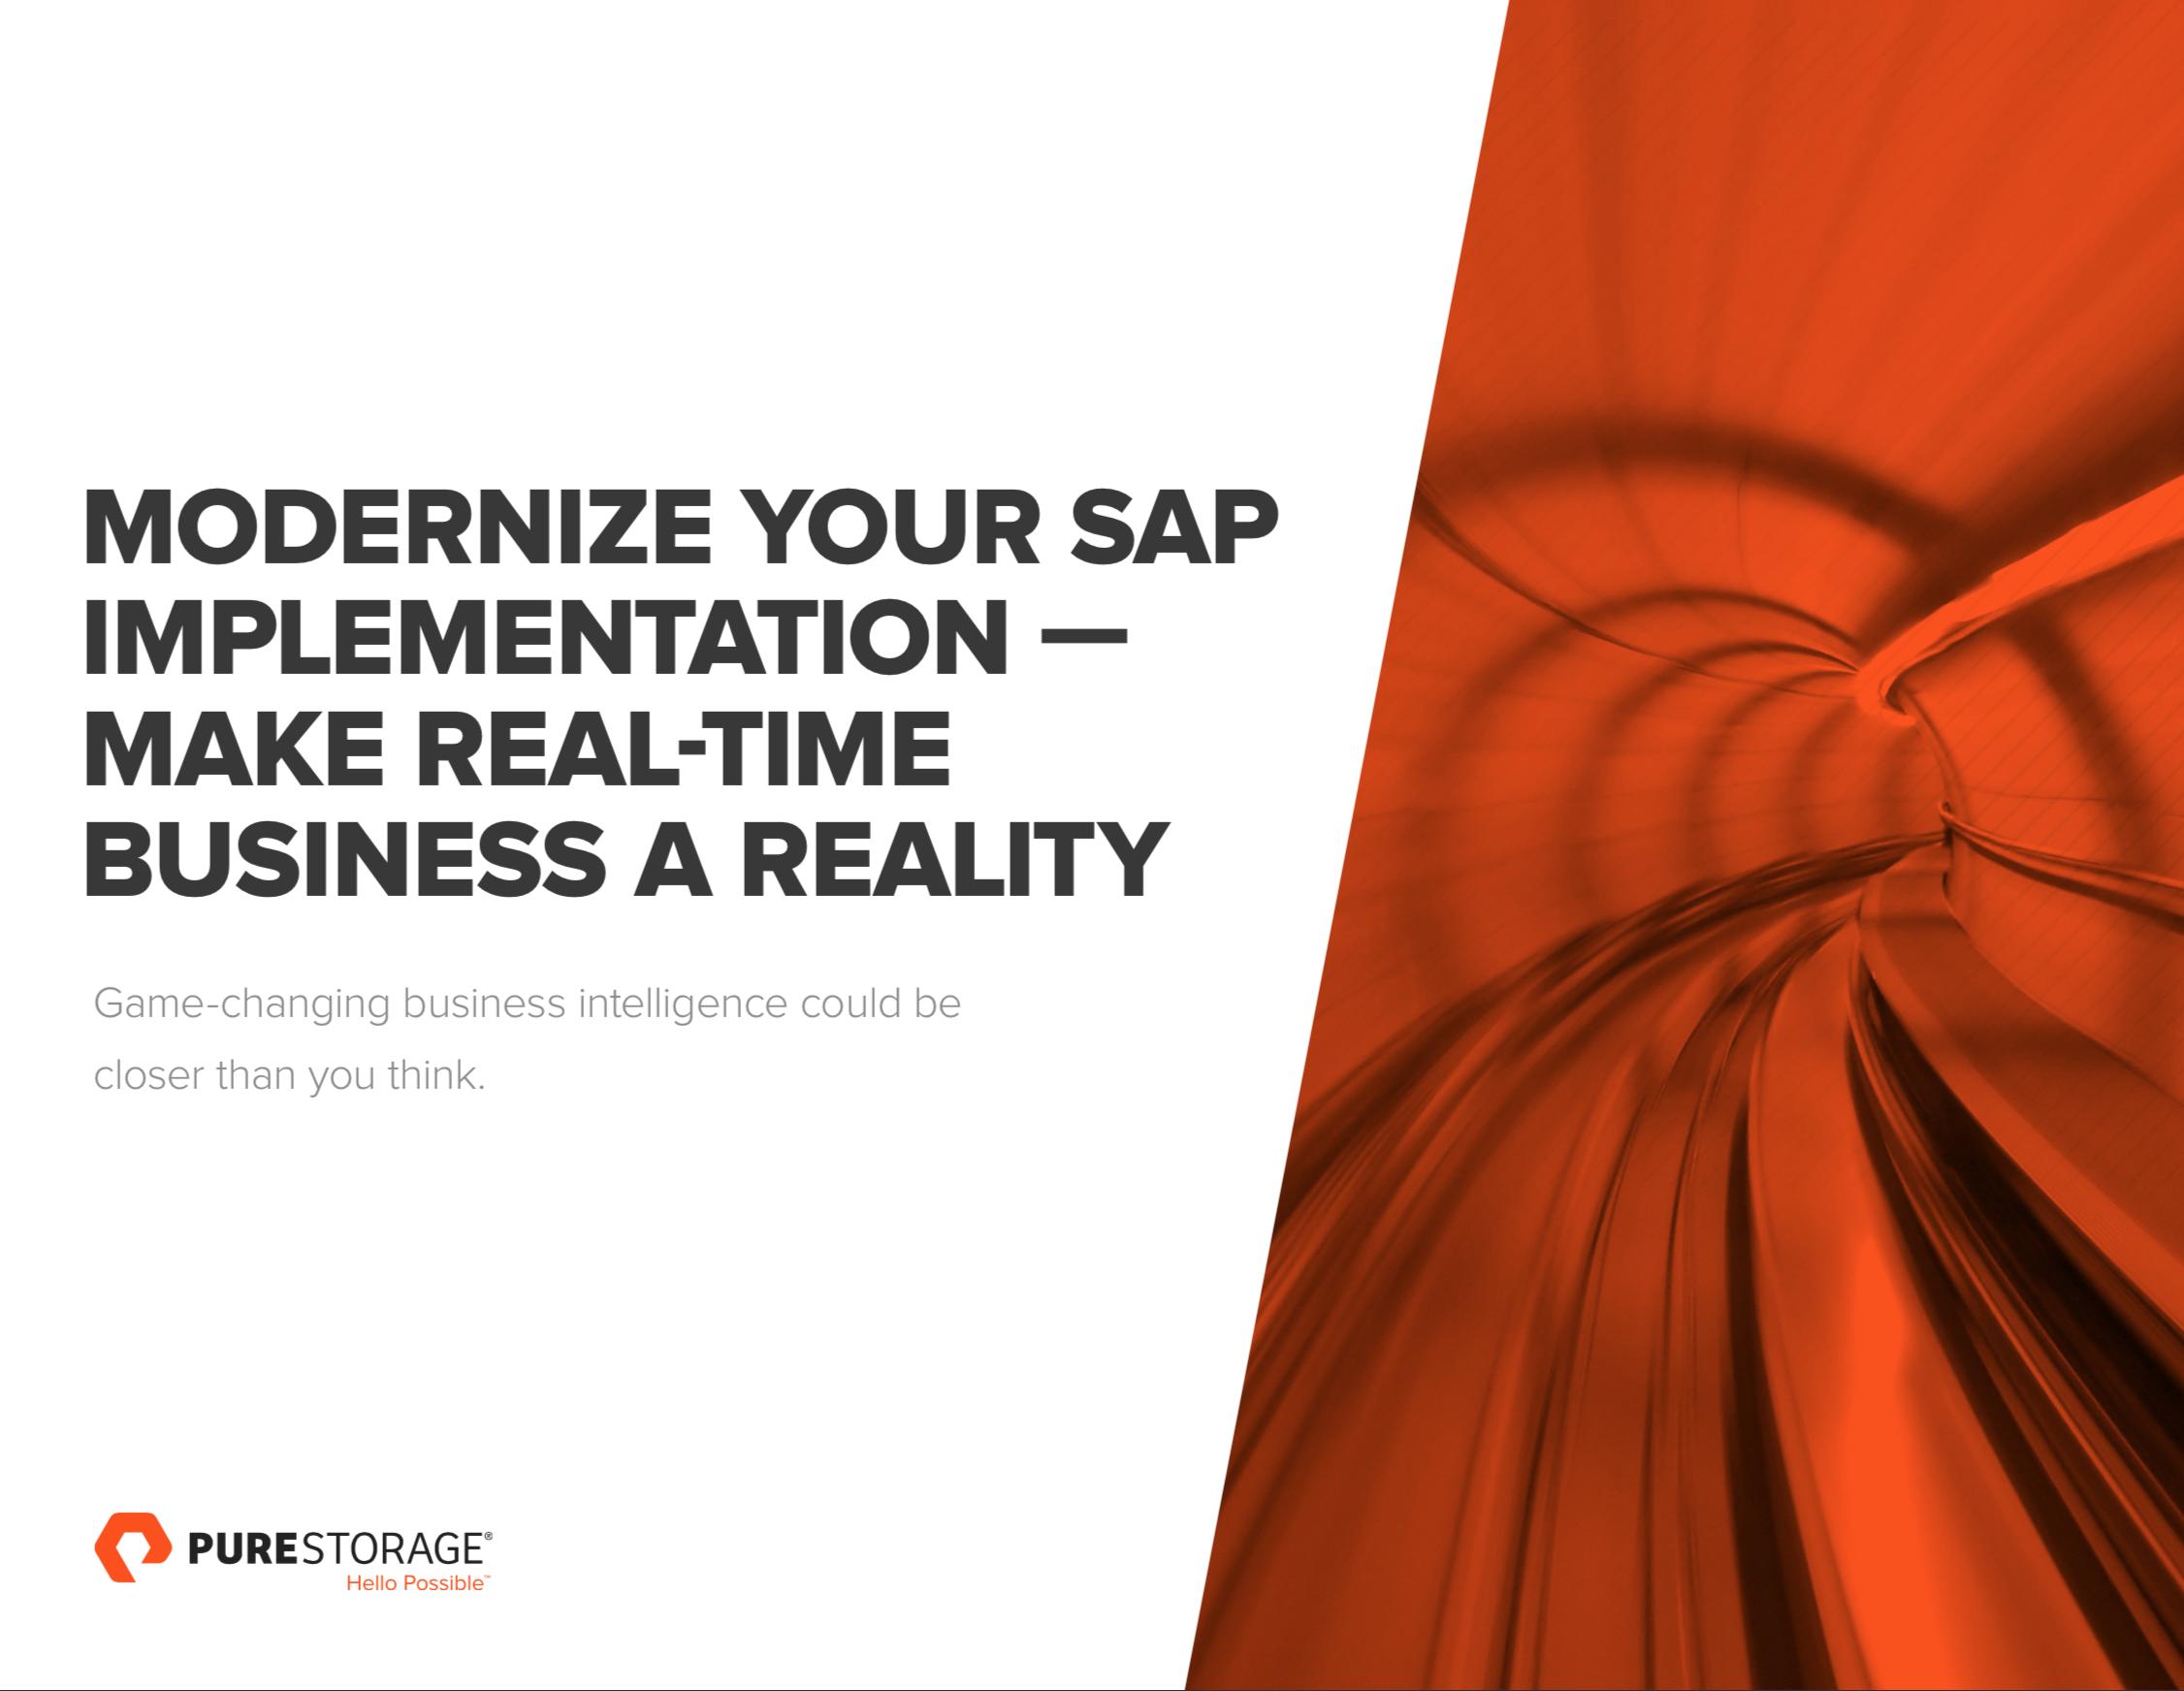 Modernice su implementación de SAP | Haga que el negocio en tiempo real sea una realidad